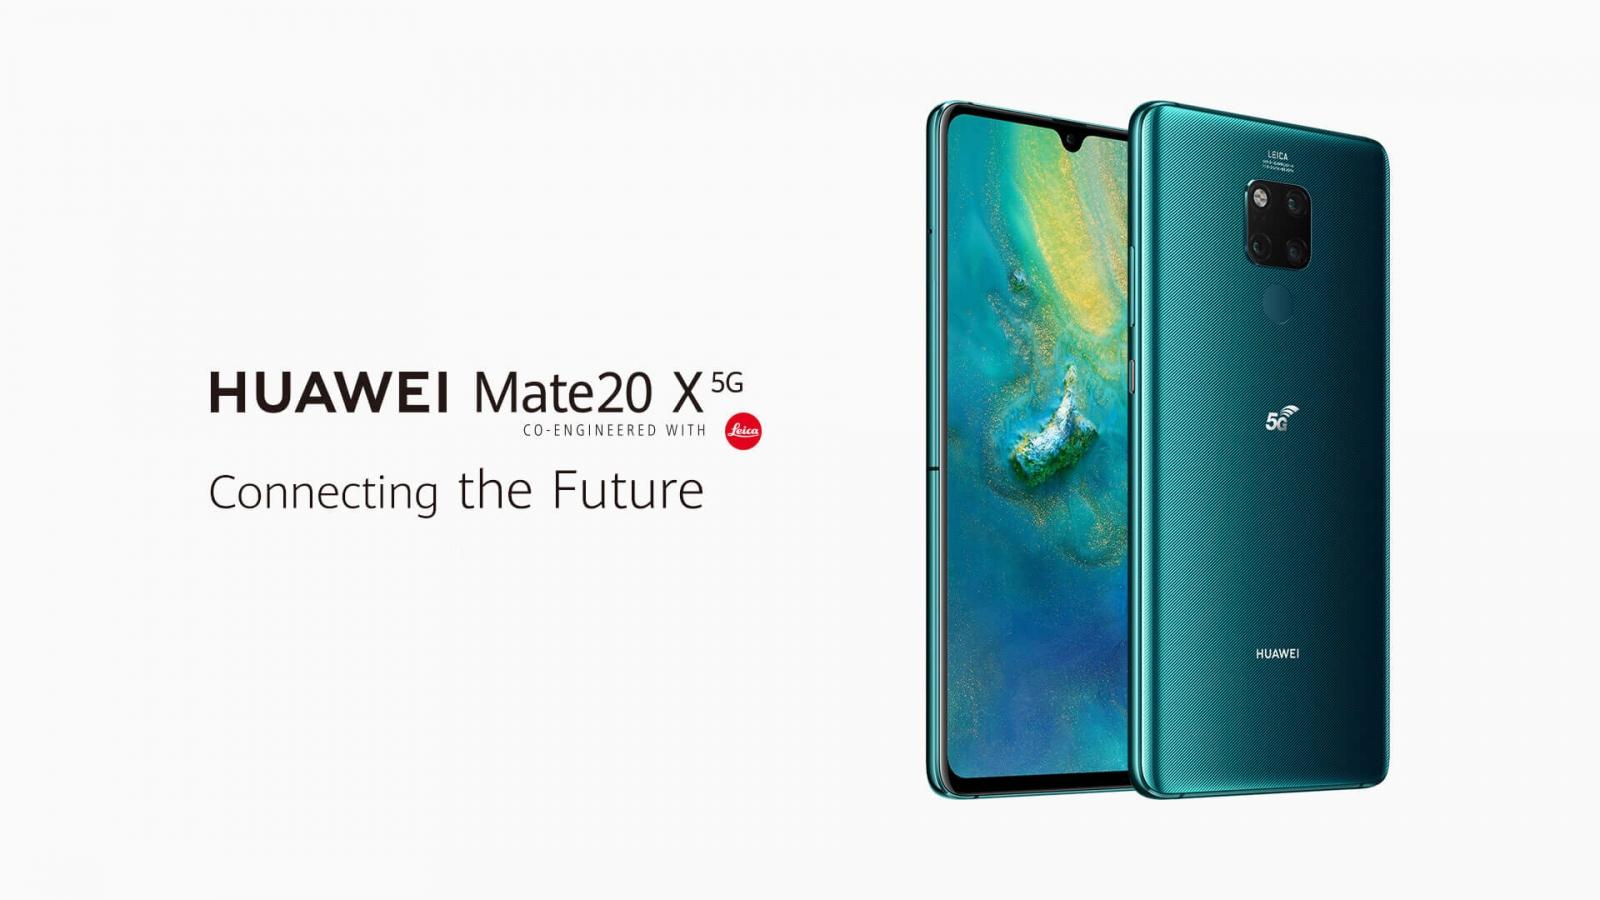 HUAWEI Mate 20 X 5G (8G/256G)